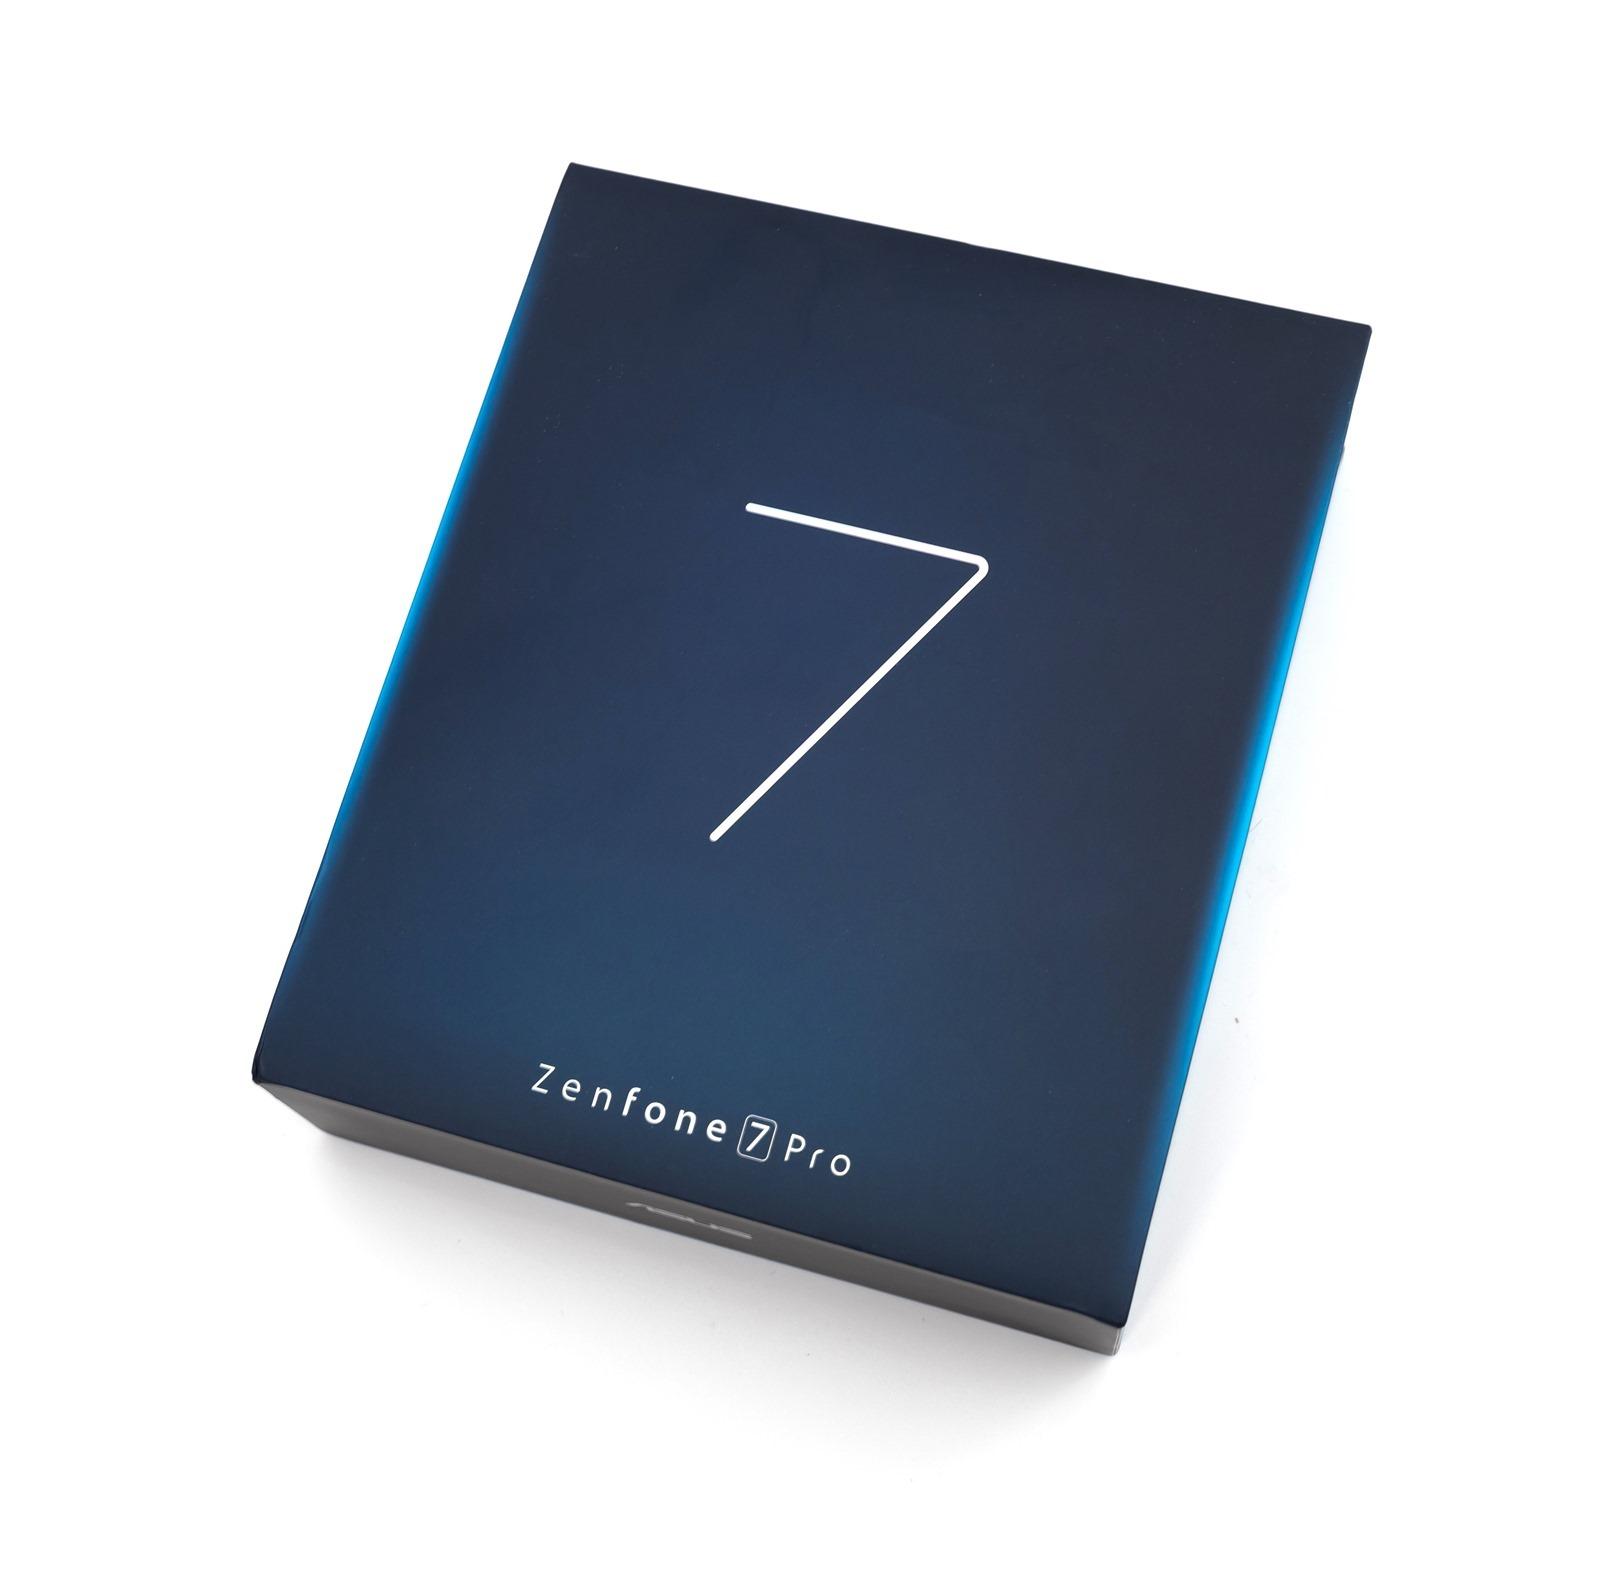 [實測] ZenFone 7 Pro 性能電力速報 (S865+處理器 5000mAh 大電池) @3C 達人廖阿輝